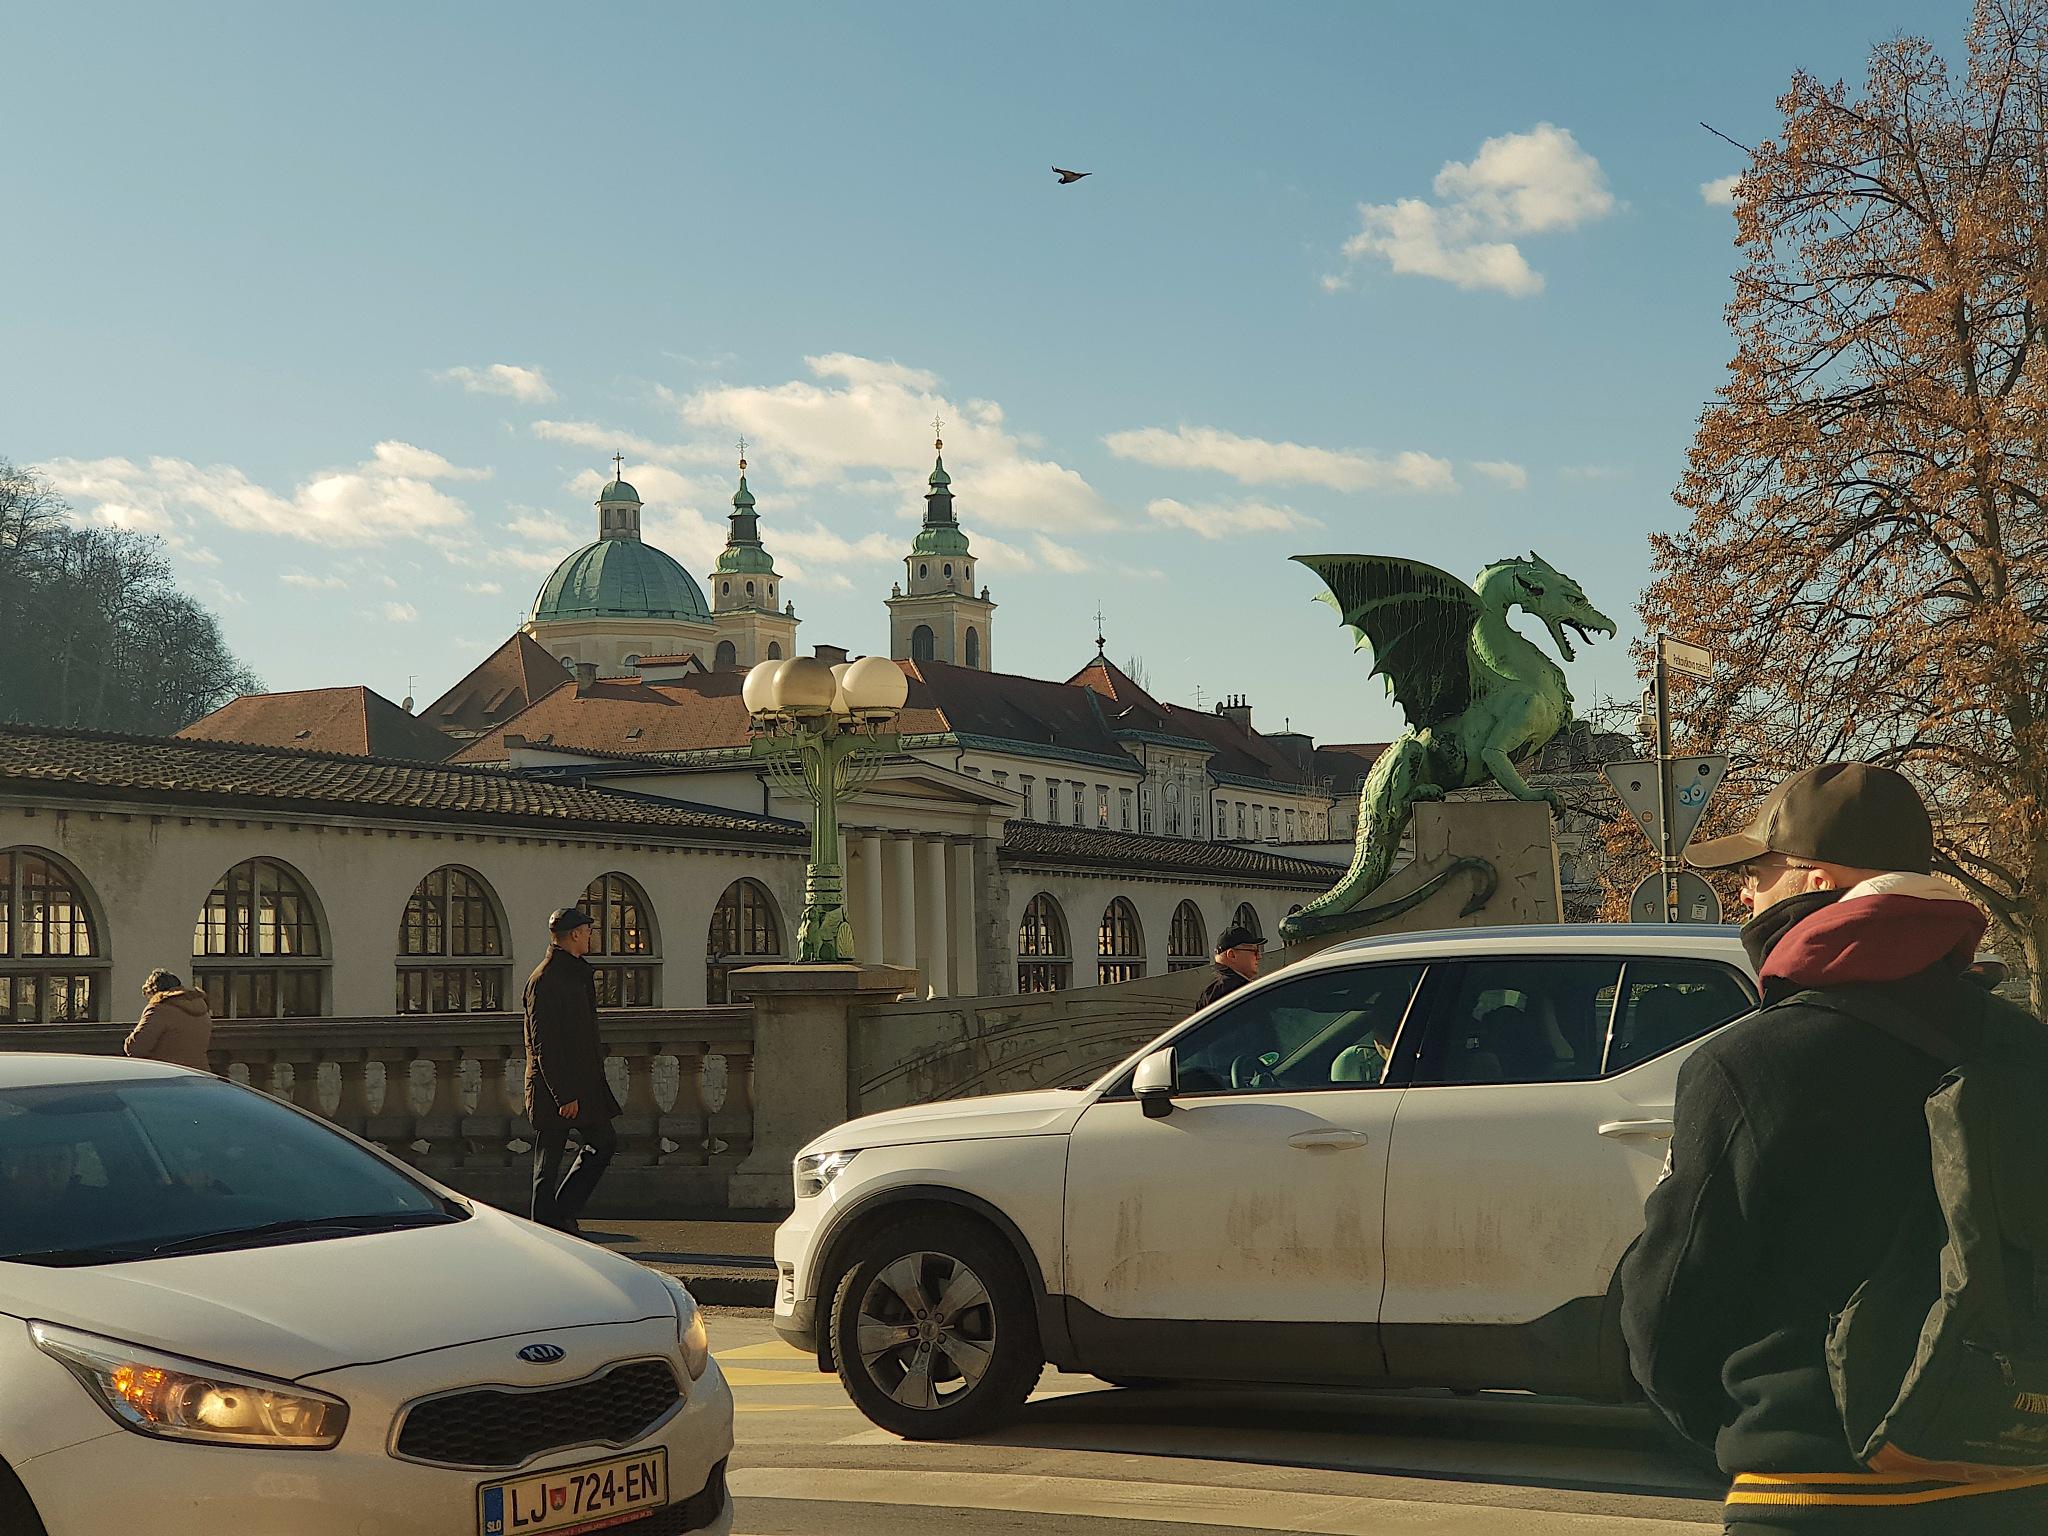 4 Dragon bridge by zvnktomasevic